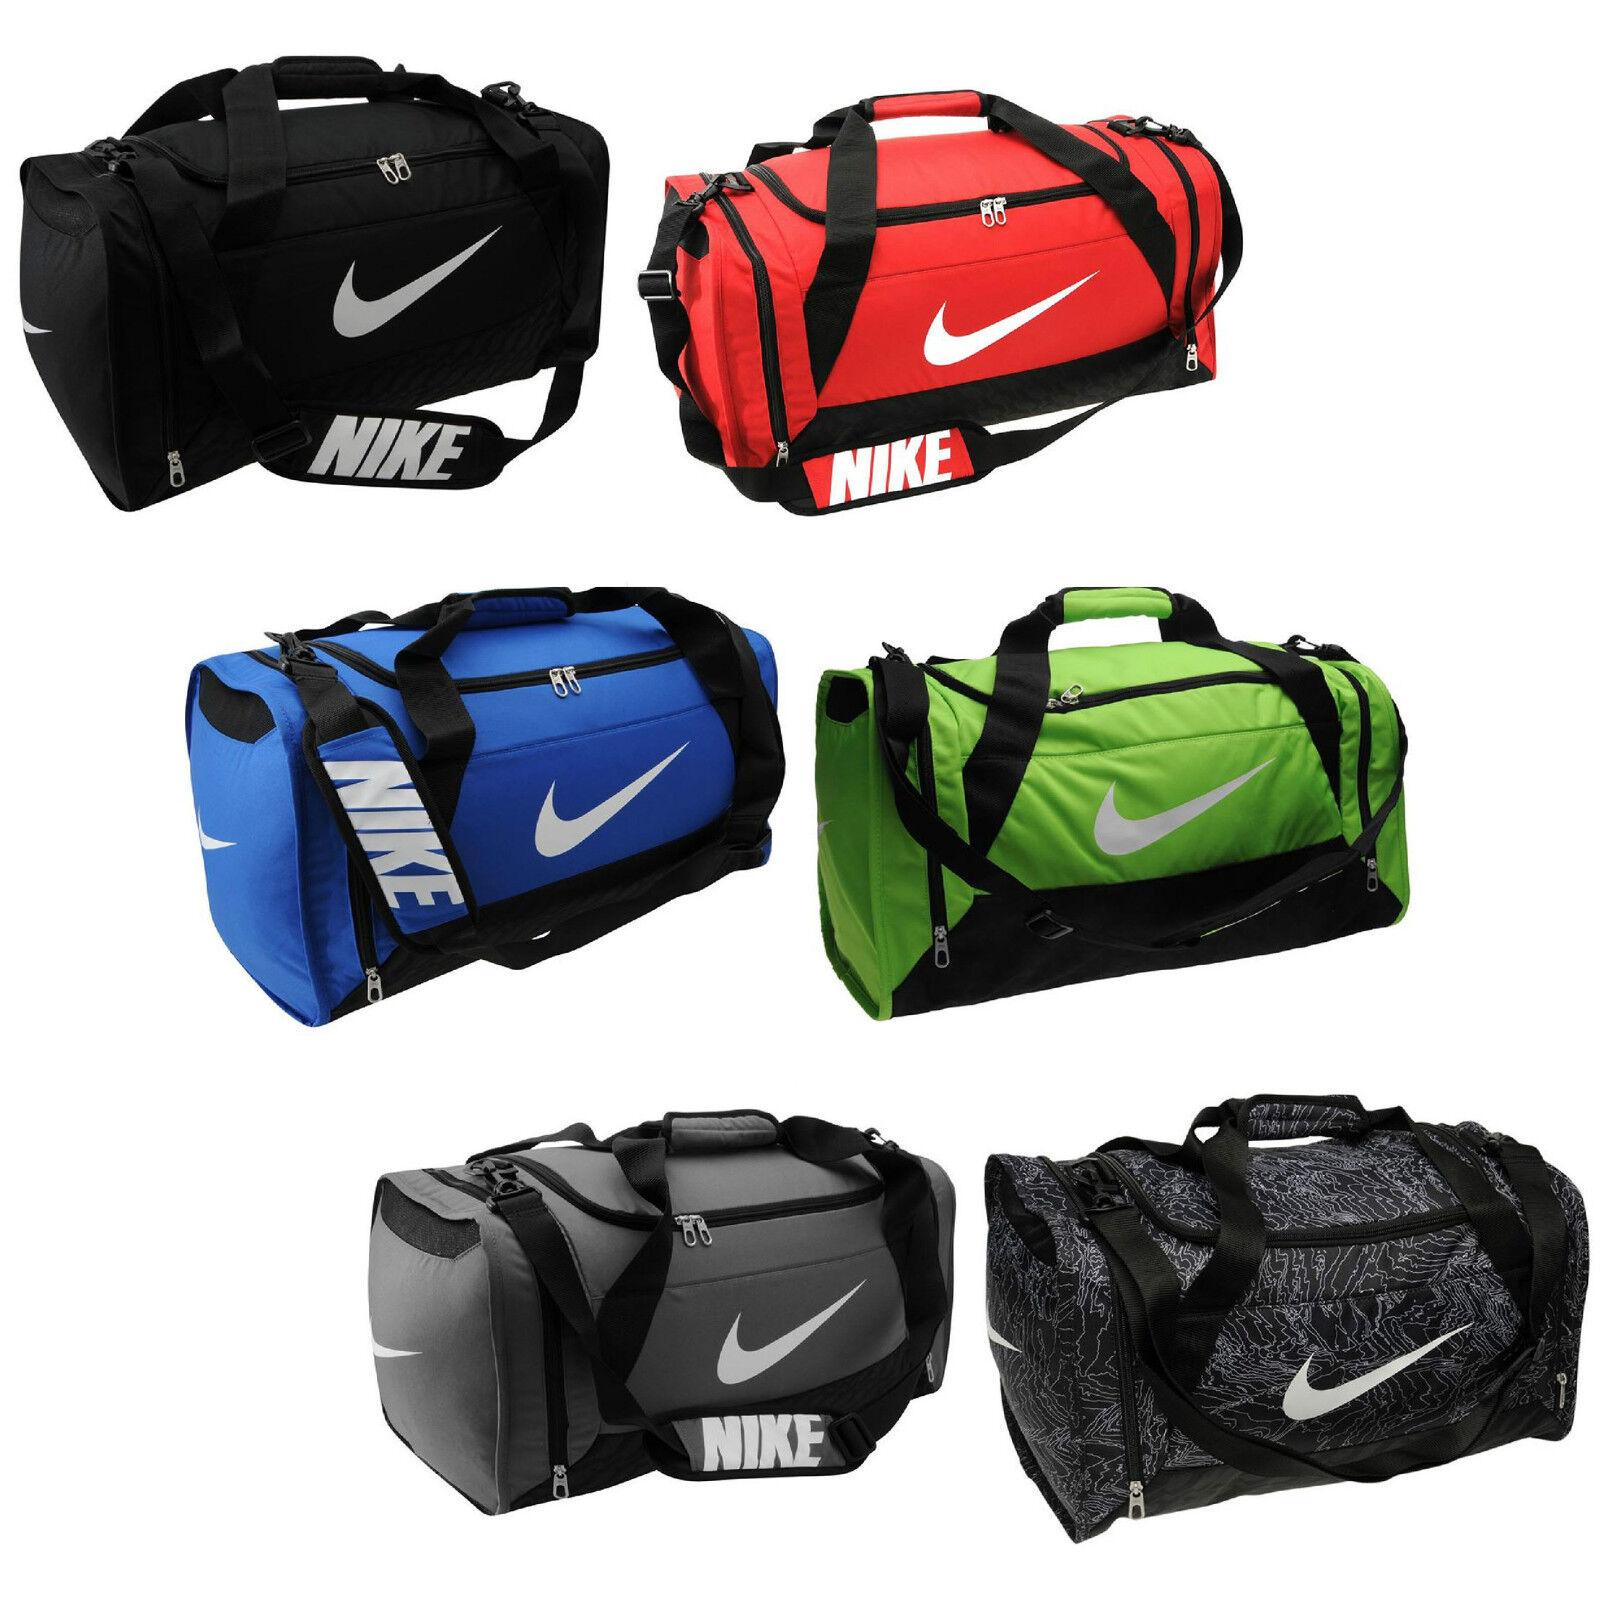 f73f2831a4267 Nike Rucksack Pink schultasche tasche Sport neon Mode blogger gebraucht.  NIKE Reisetasche Sporttasche Sport Tasche Fitnesstasche Gym Sack Bag  Brasilia